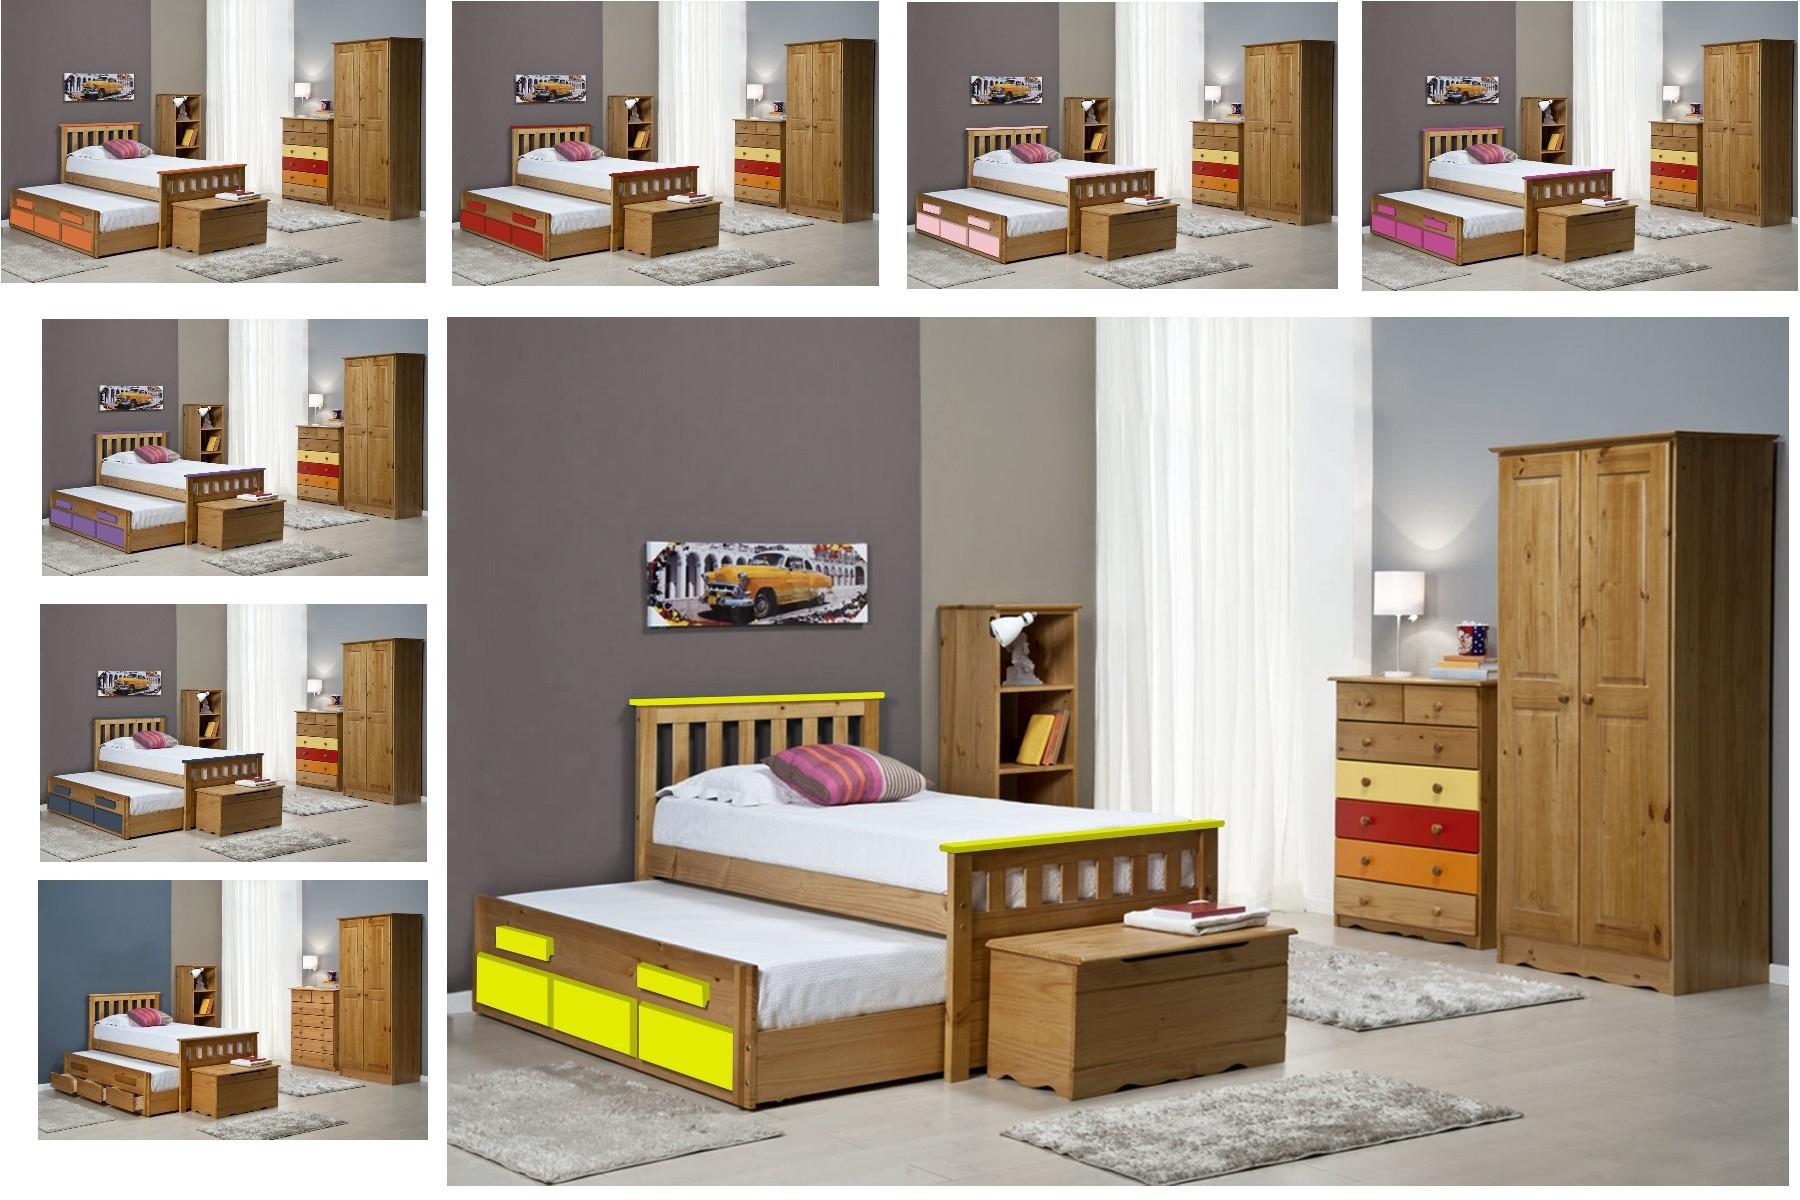 lit gigogne et meubles 90x190 90x200 pin massif miel antique et blanc. Black Bedroom Furniture Sets. Home Design Ideas